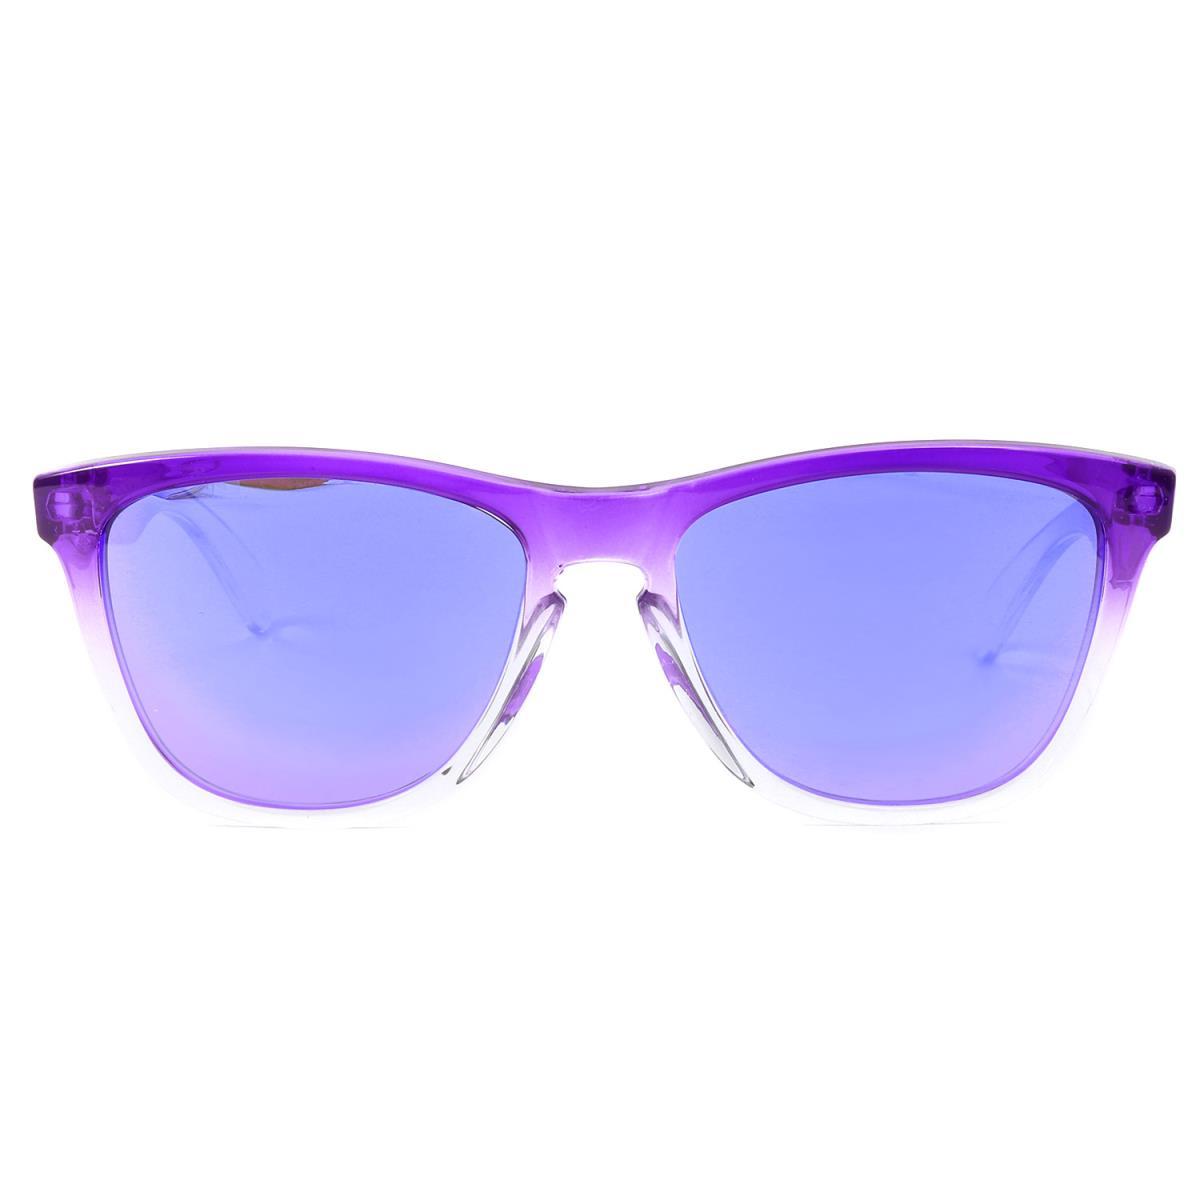 6dd86673ab77 OAKLEY (Oakley) frog skin polarizing lens sunglasses (FROGSKINS 24-224)  purple ...